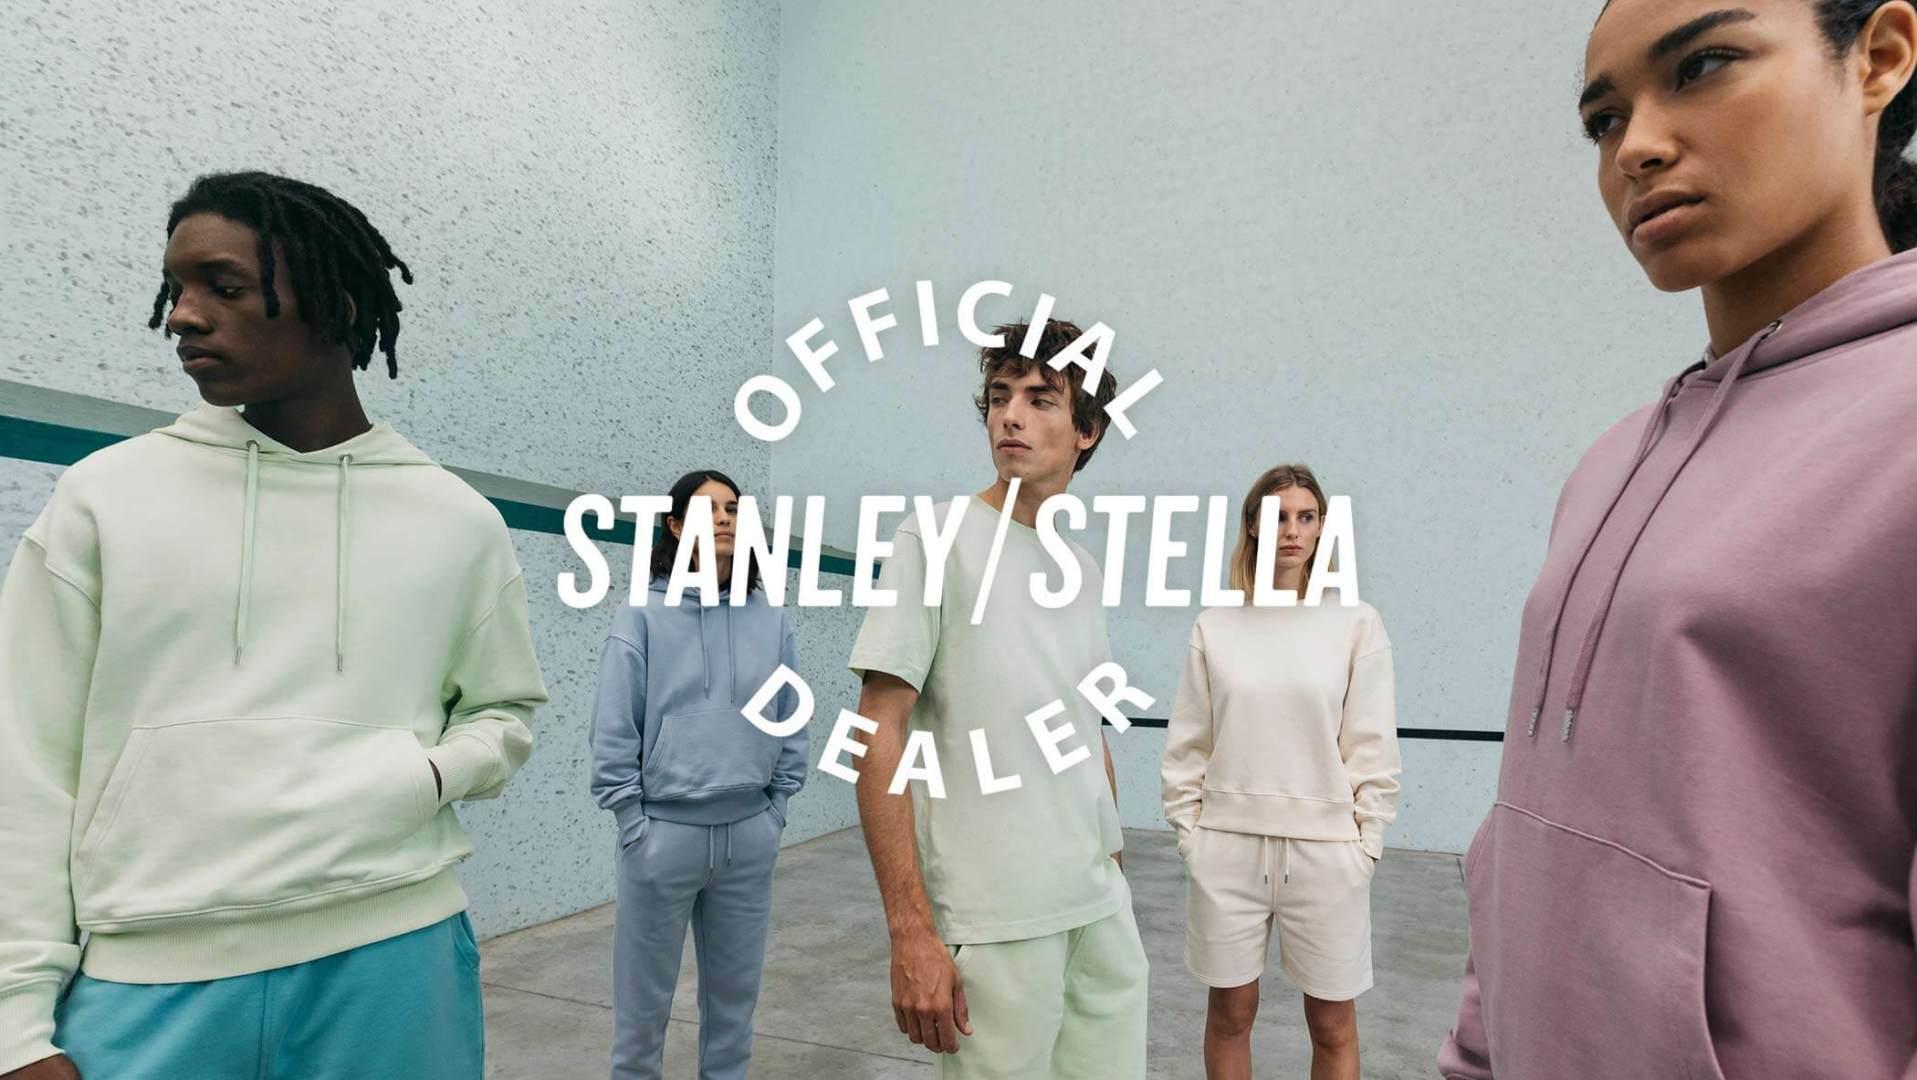 STANLEY STELLA DEALER